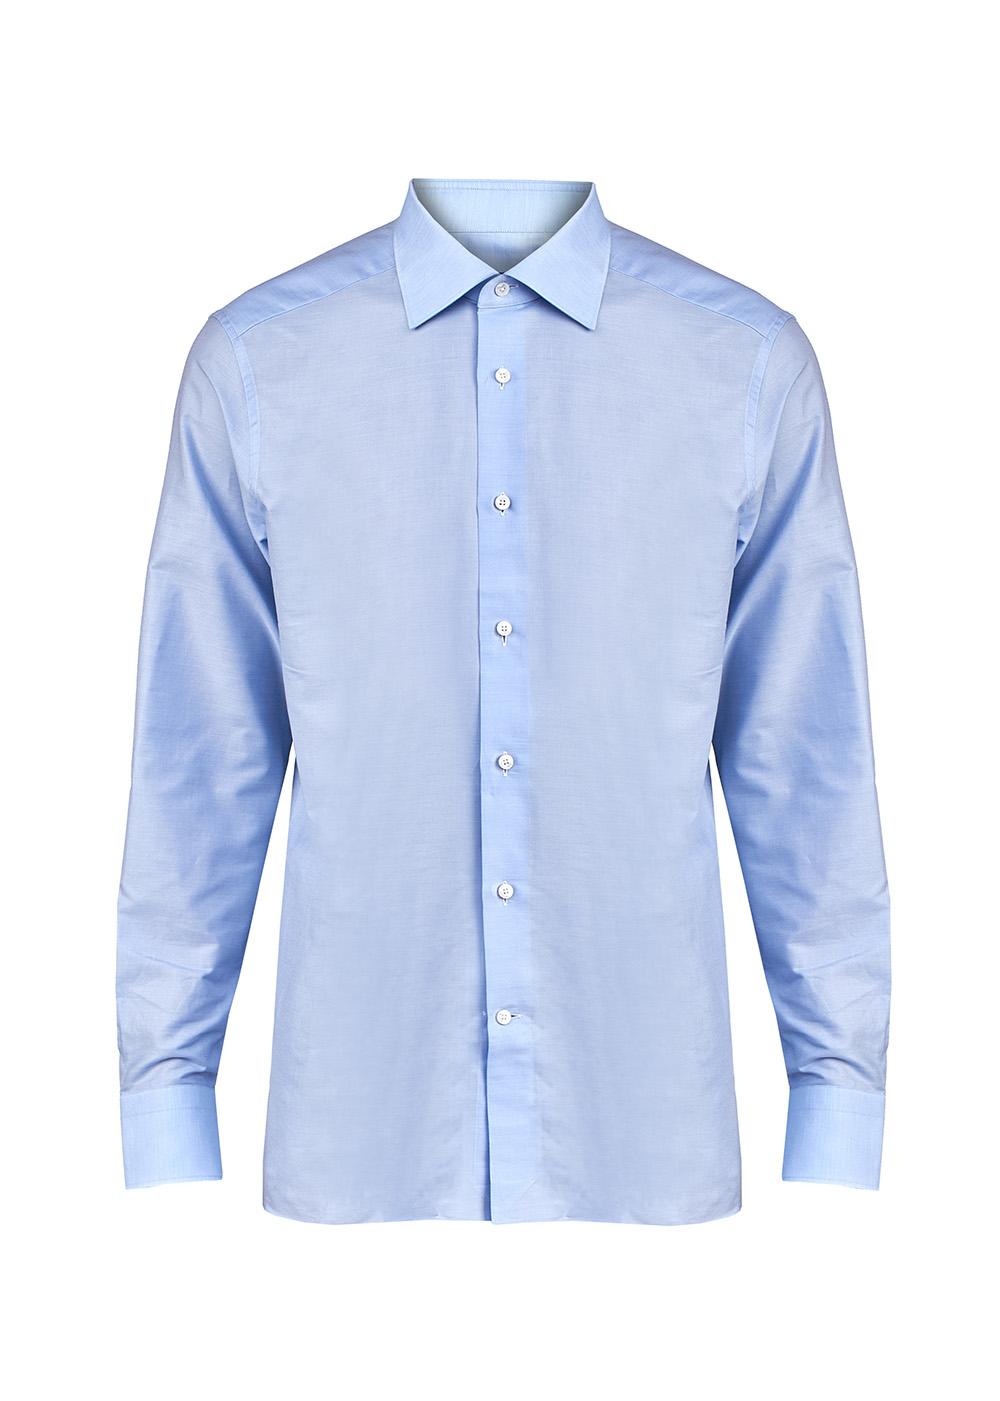 Купить со скидкой Ermenegildo Zegna рубашка